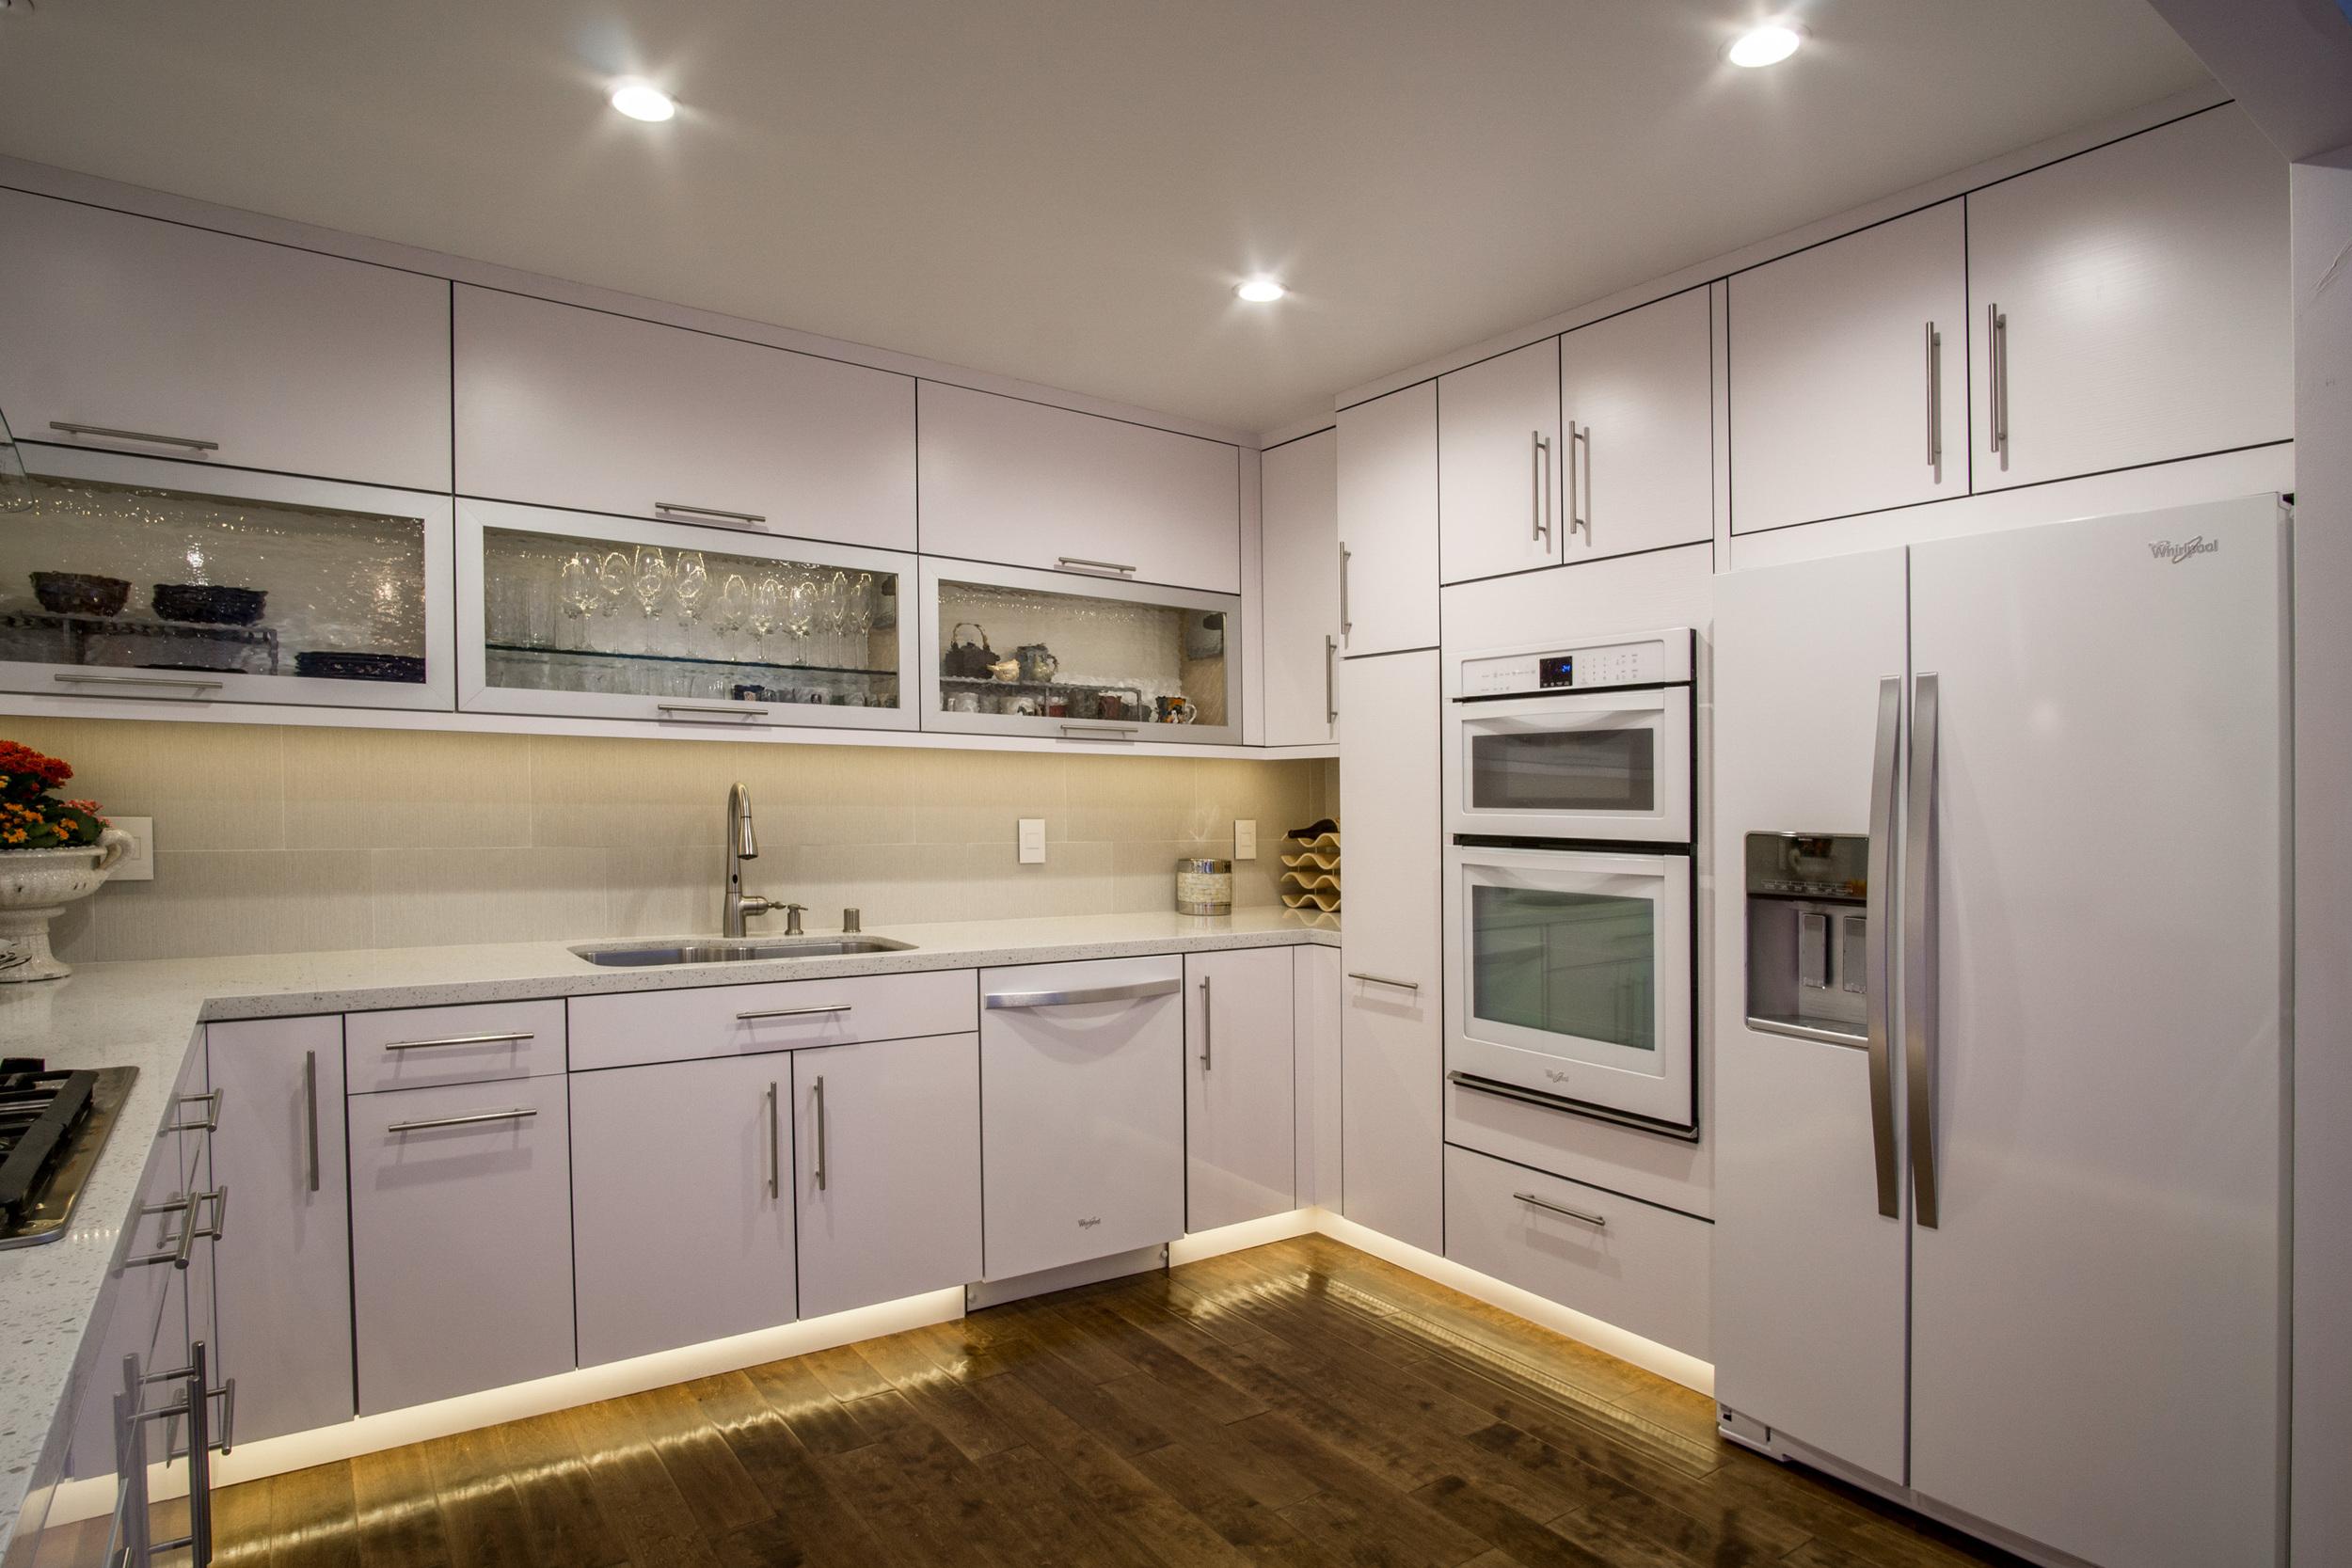 12 kitchen 2.jpg